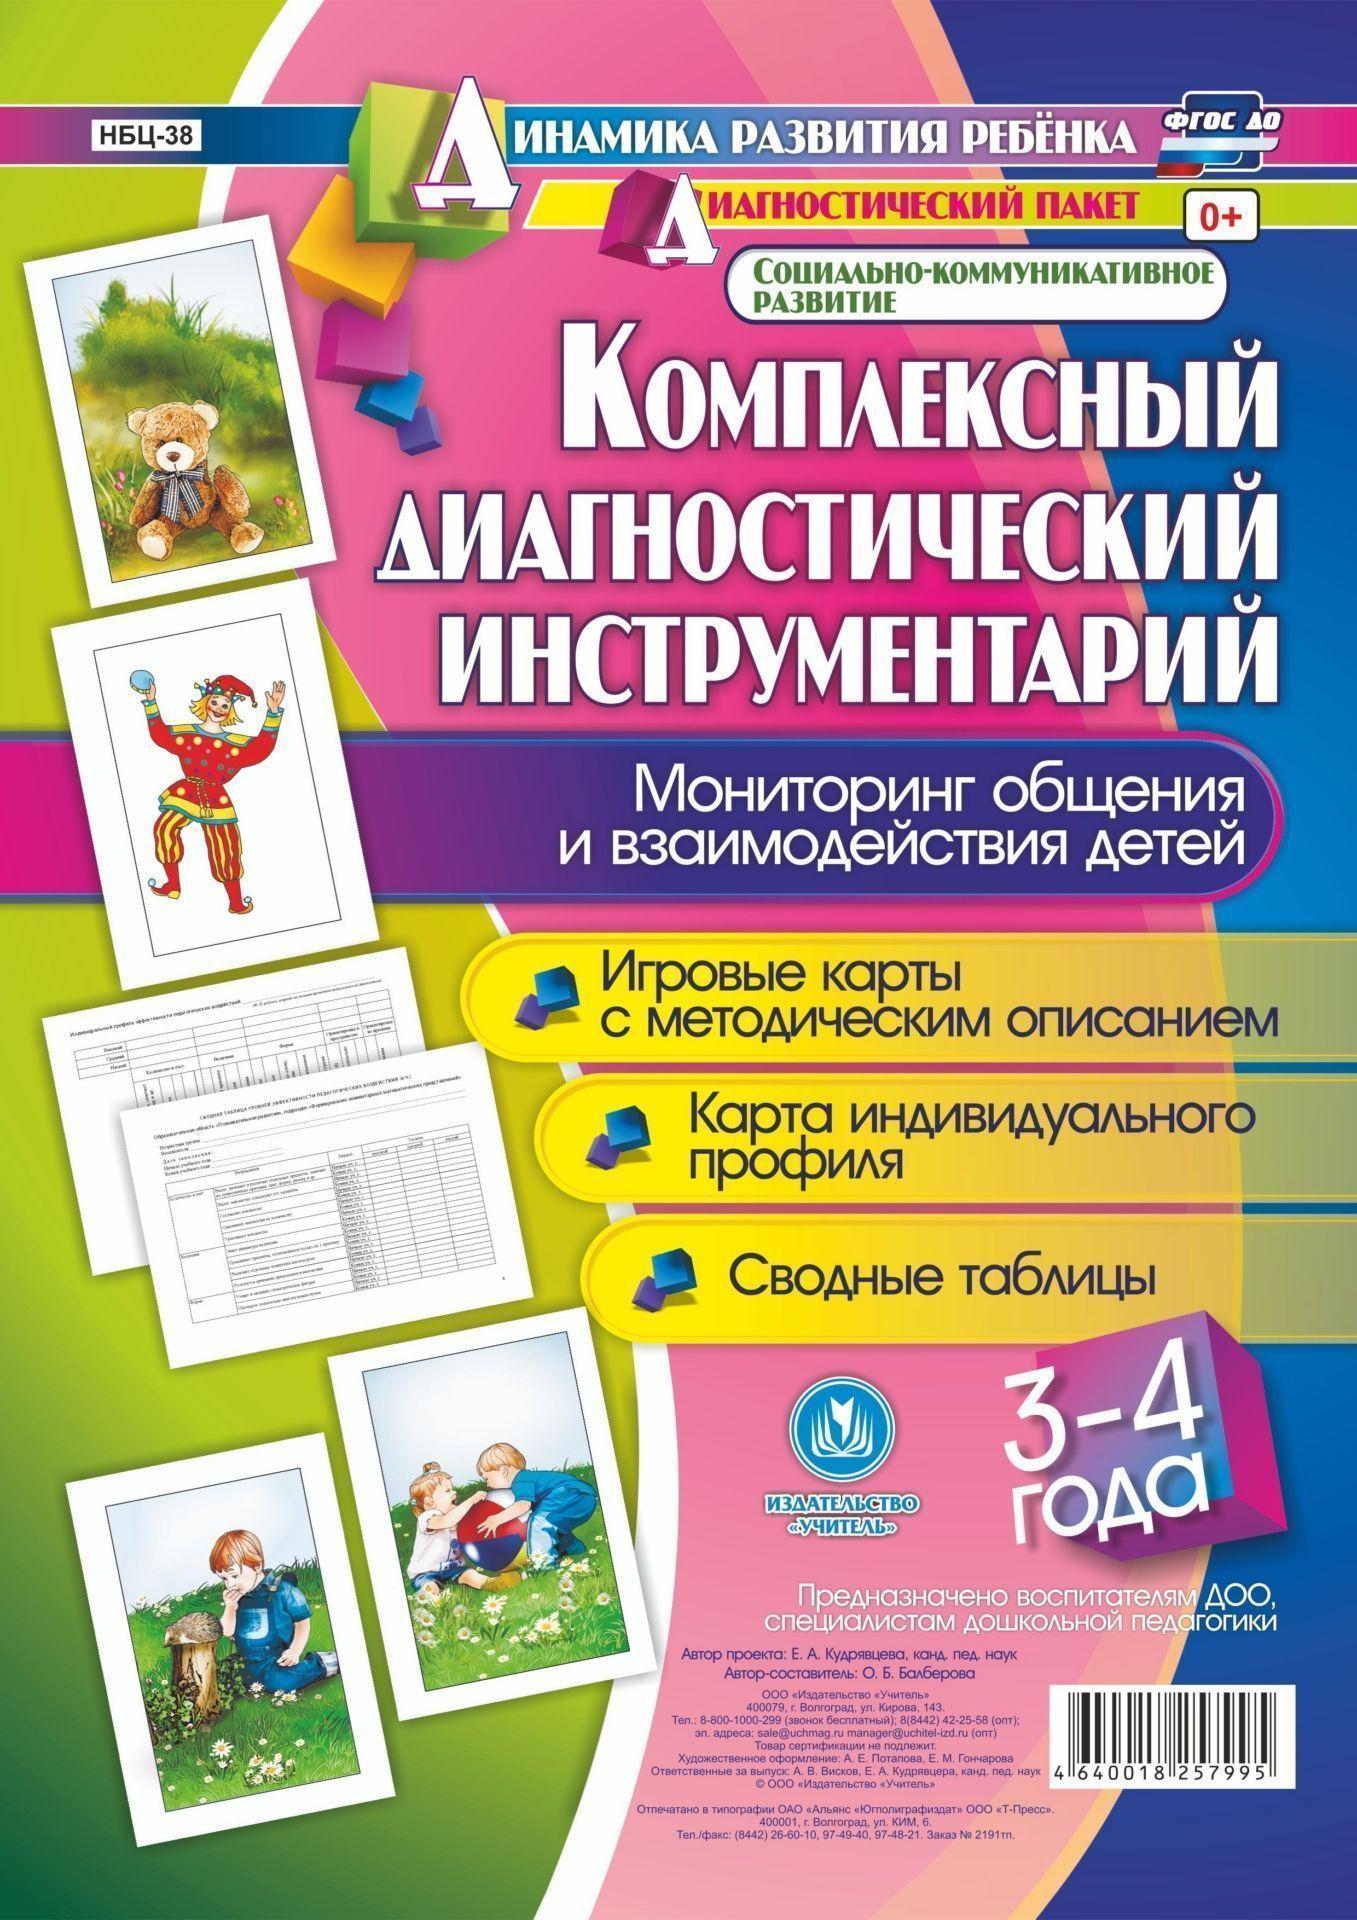 Комплексный диагностический инструментарий. Мониторинг общения и взаимодействия детей 3-4 лет: Игровые карты с методическим описанием, карта индивидуального профиля, сводные таблицыОбразовательное пространство ДОО<br>Предлагаемый полный диагностический пакет для проведения педагогического мониторинга по результатам освоения детьми 3-4 лет образовательной области Социально-коммуникативное развитие включает диагностический инструментарий (карту индивидуального профиля...<br><br>Авторы: Балберова О. Б.<br>Год: 2018<br>Серия: Динамика развития ребенка. Диагностический пакет Социально-коммуникативное развитие<br>Высота: 297<br>Ширина: 210<br>Толщина: 11<br>Переплёт: набор